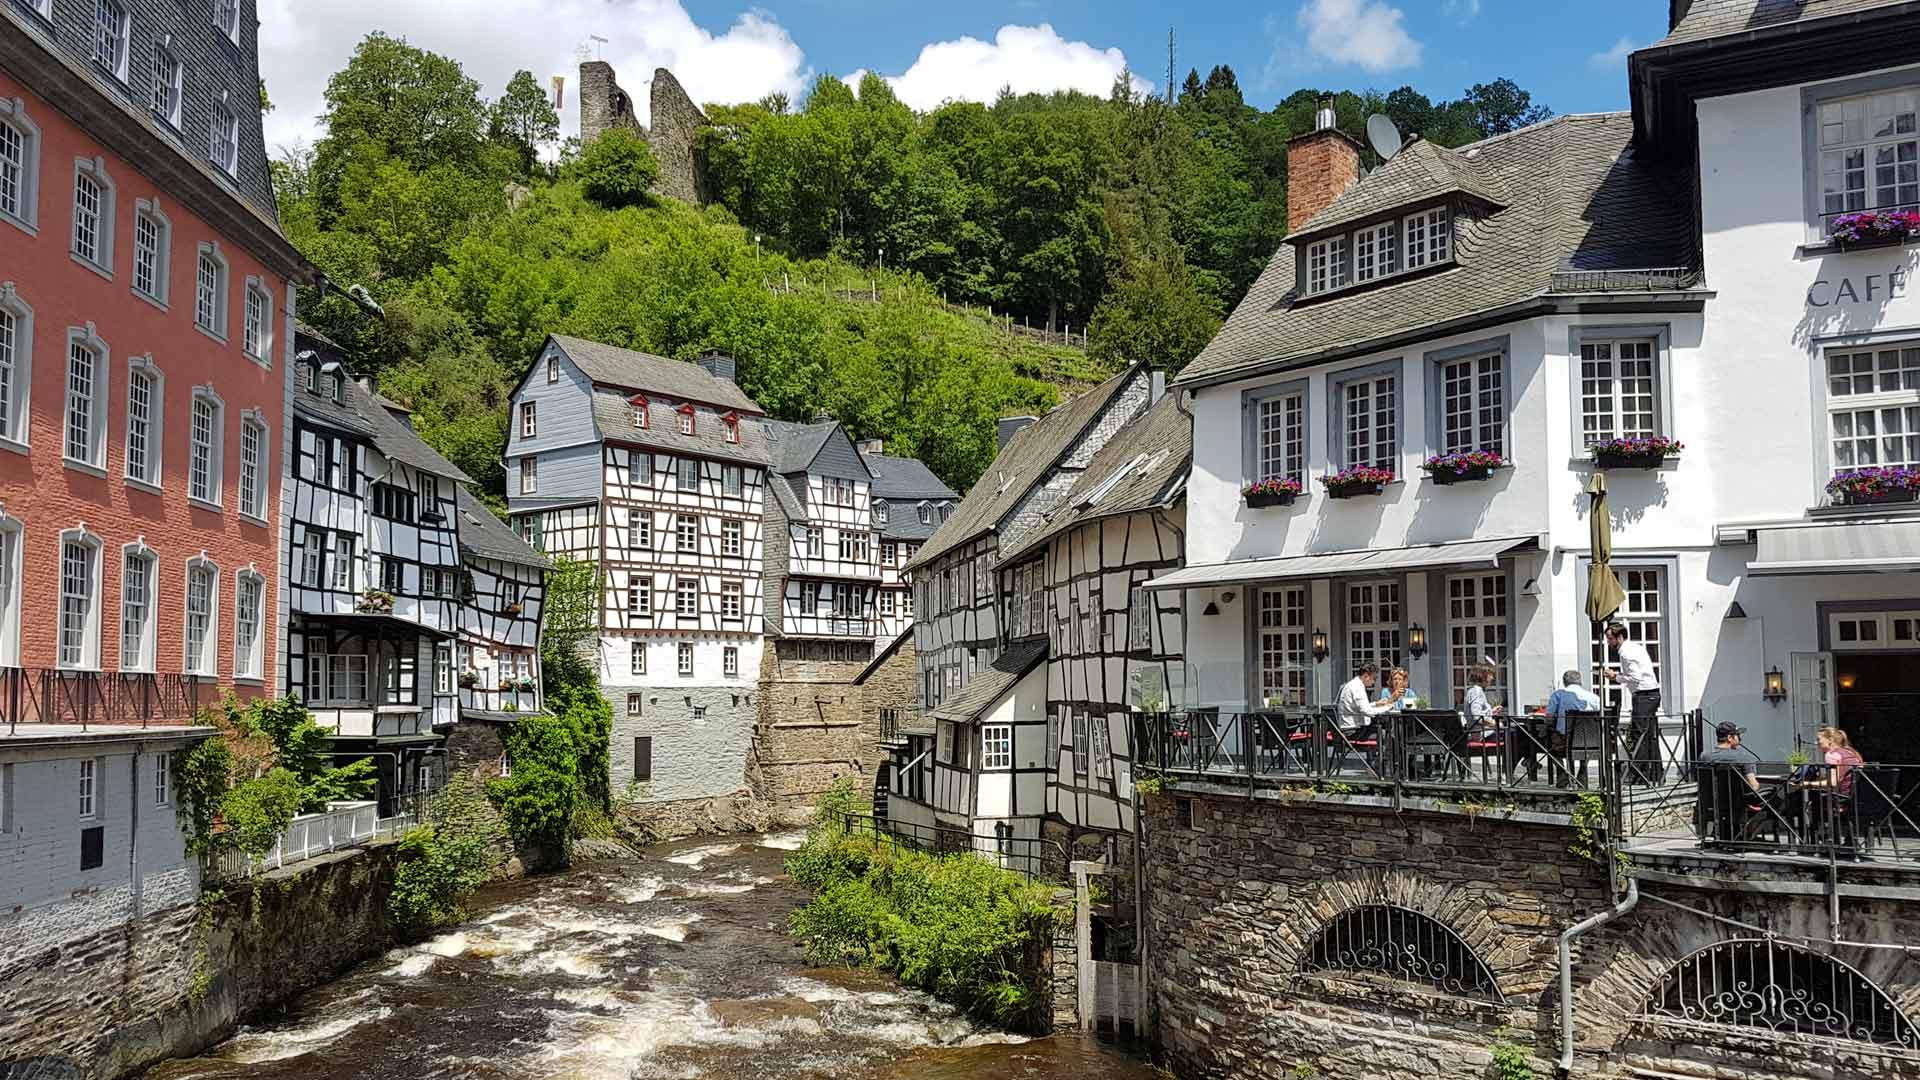 Monschau in de Eifel is bijzonder fotogeniek.